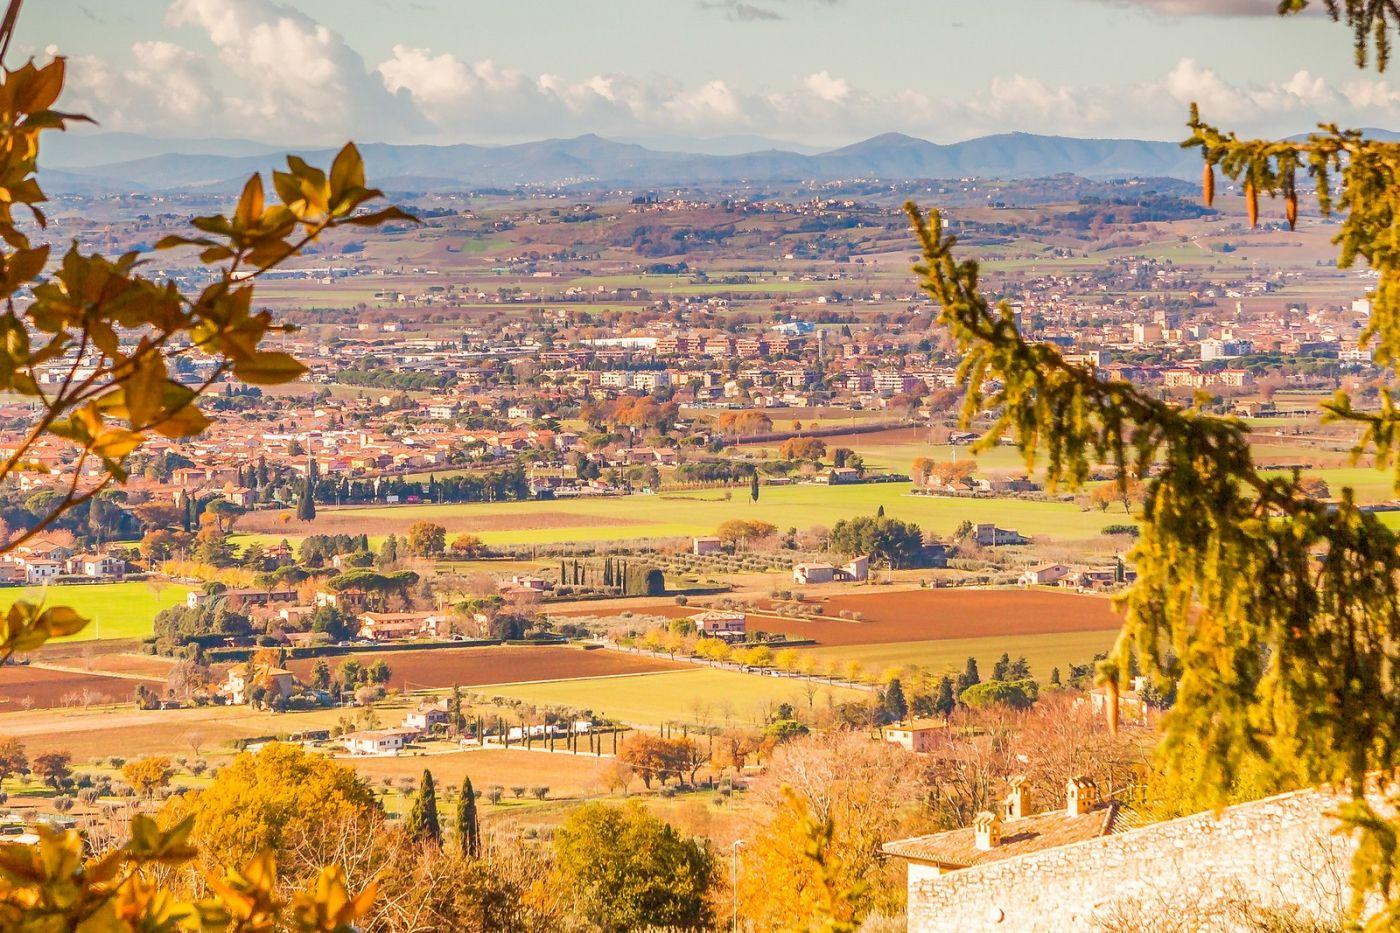 意大利阿西西(Assisi), 登高放眼_图1-17